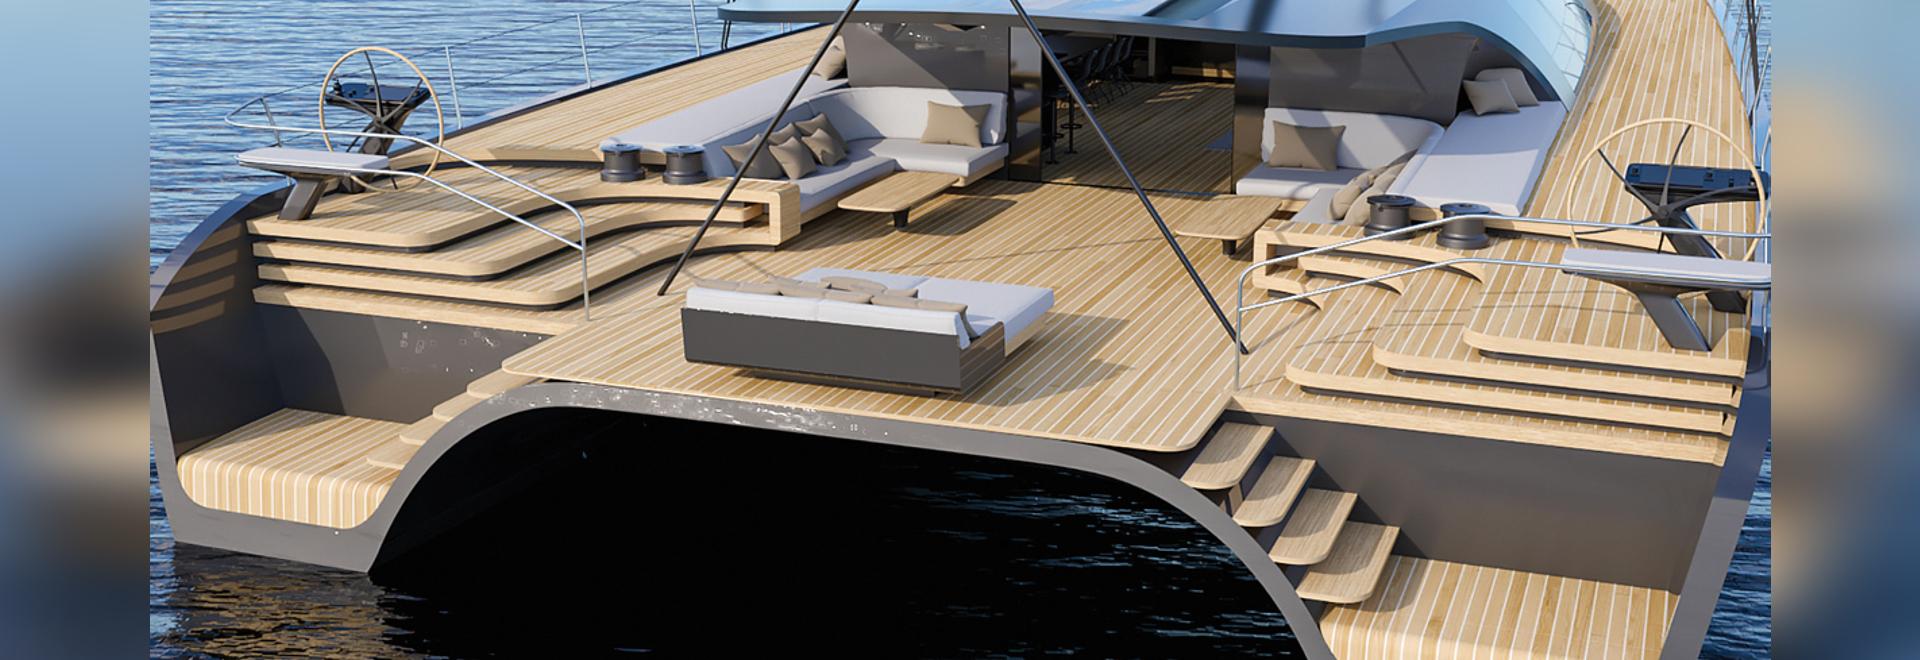 Black Cat 30: Daring catamaran concept promises superyacht luxury at 32 knots